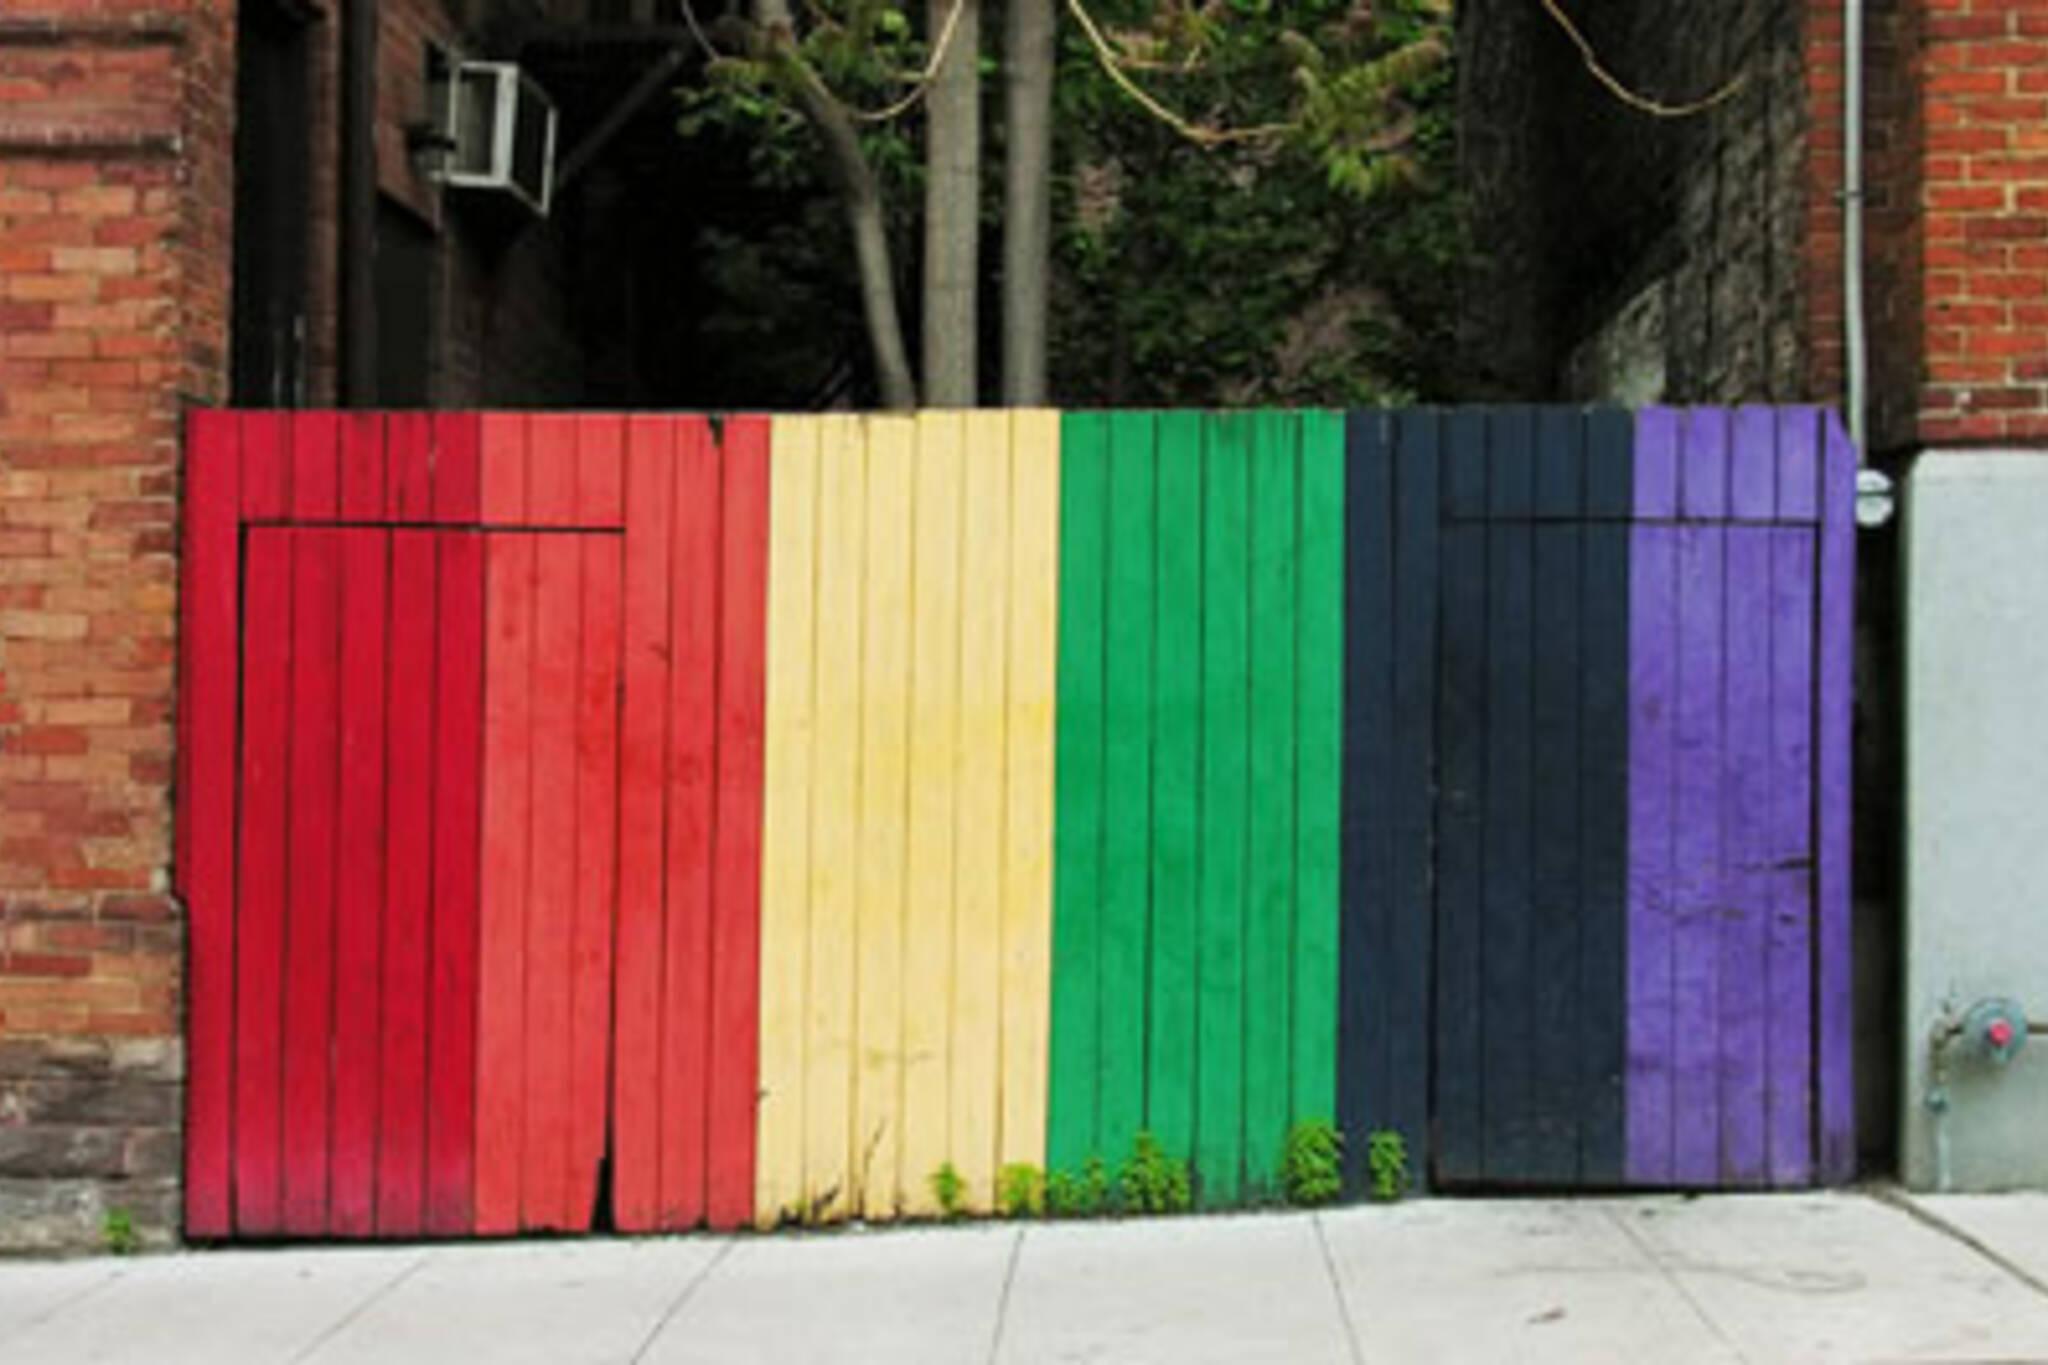 june1905_prideweekfence.jpg